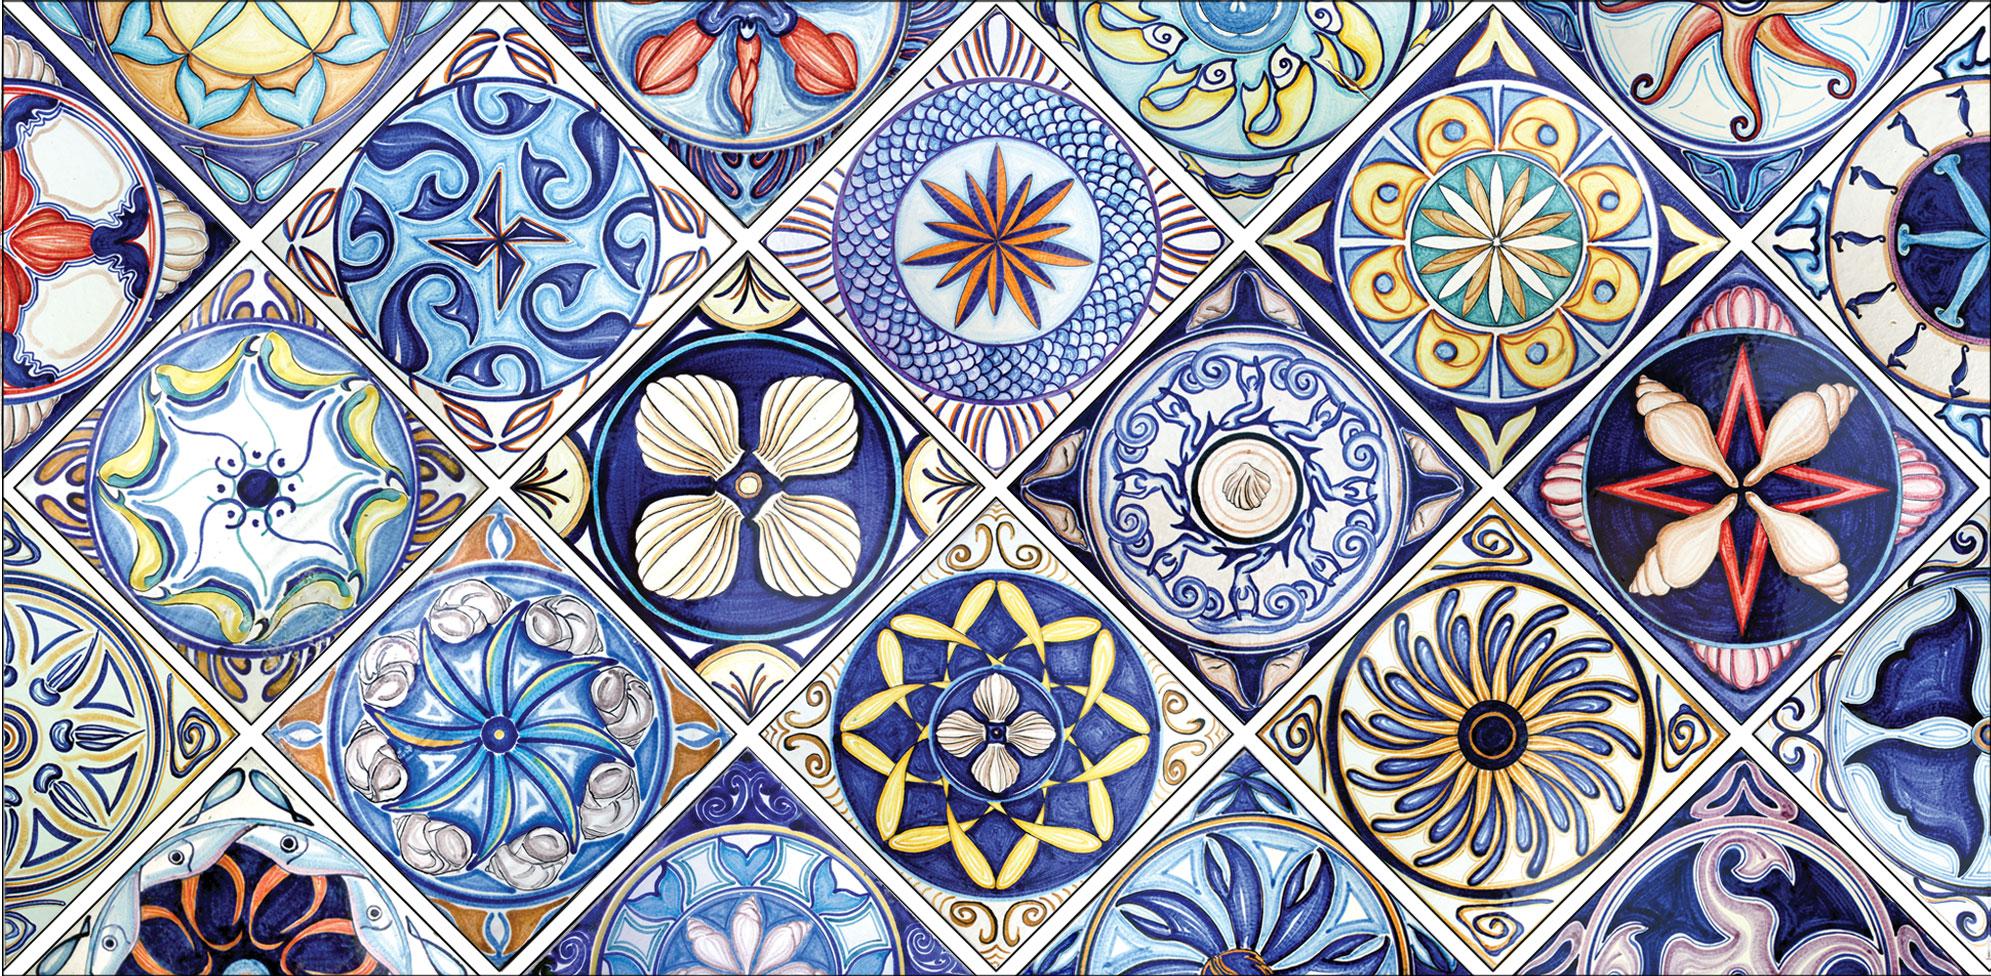 Sala bigliardo betania 39 s bar pagina 3 - Mattonelle in ceramica decorate ...